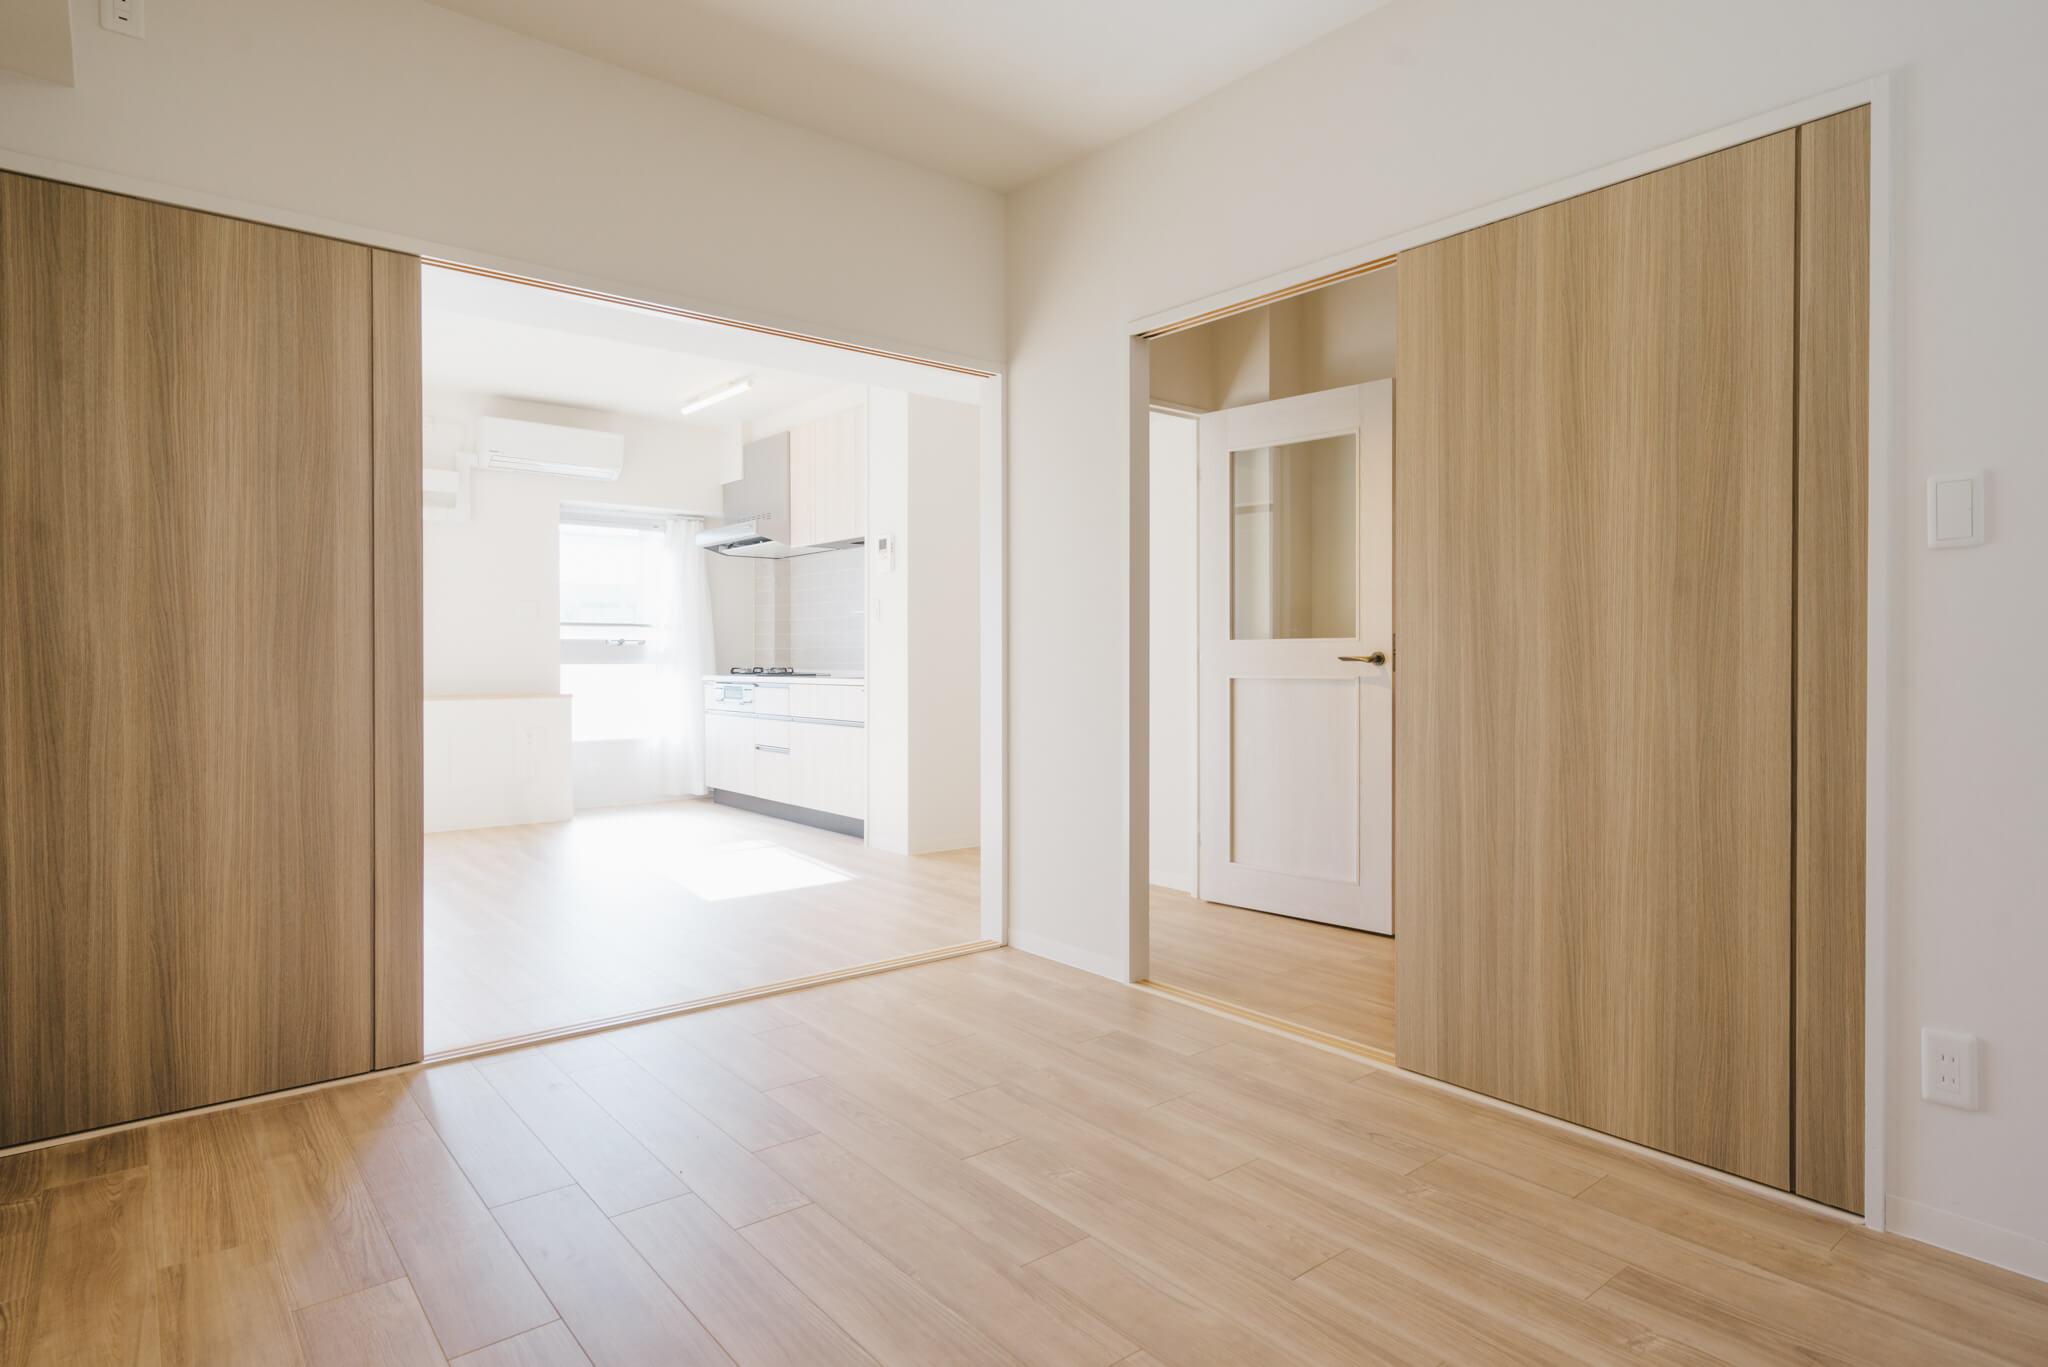 引き戸で仕切られていて、全て開ければワンルームのようにも使えるお部屋。(この団地の紹介はこちら)